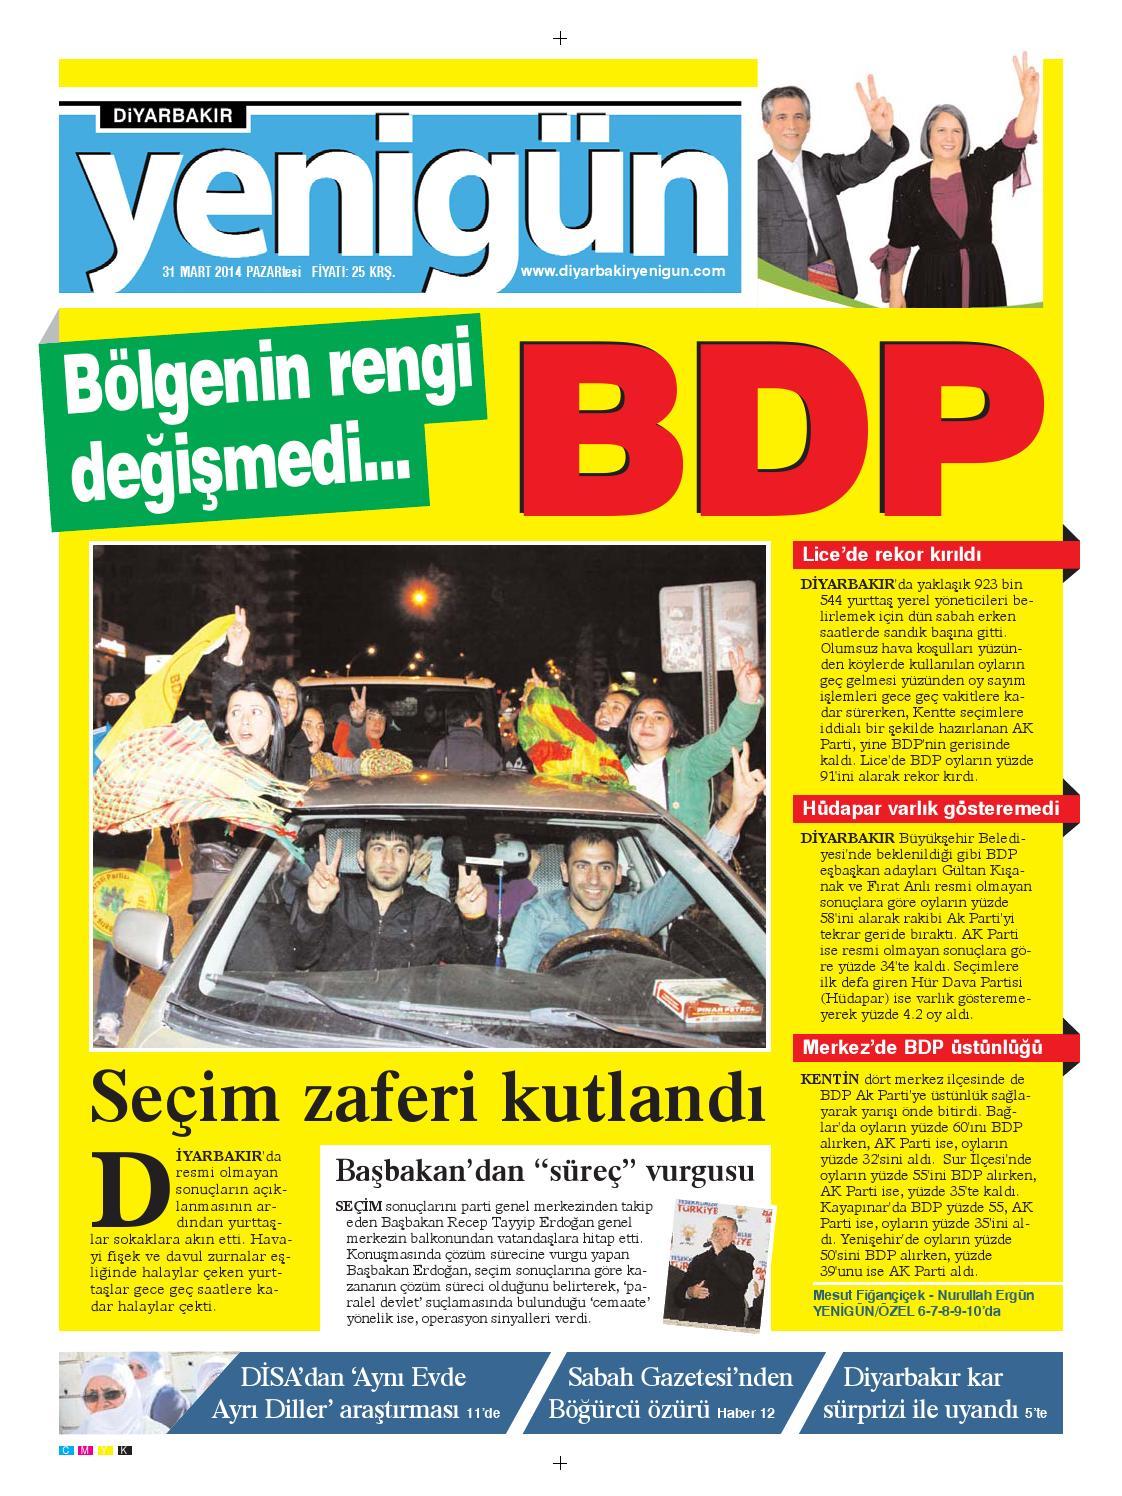 Diyarbakir Yenigun Gazetesi 31 Mart 2014 By Osman Ergun Issuu